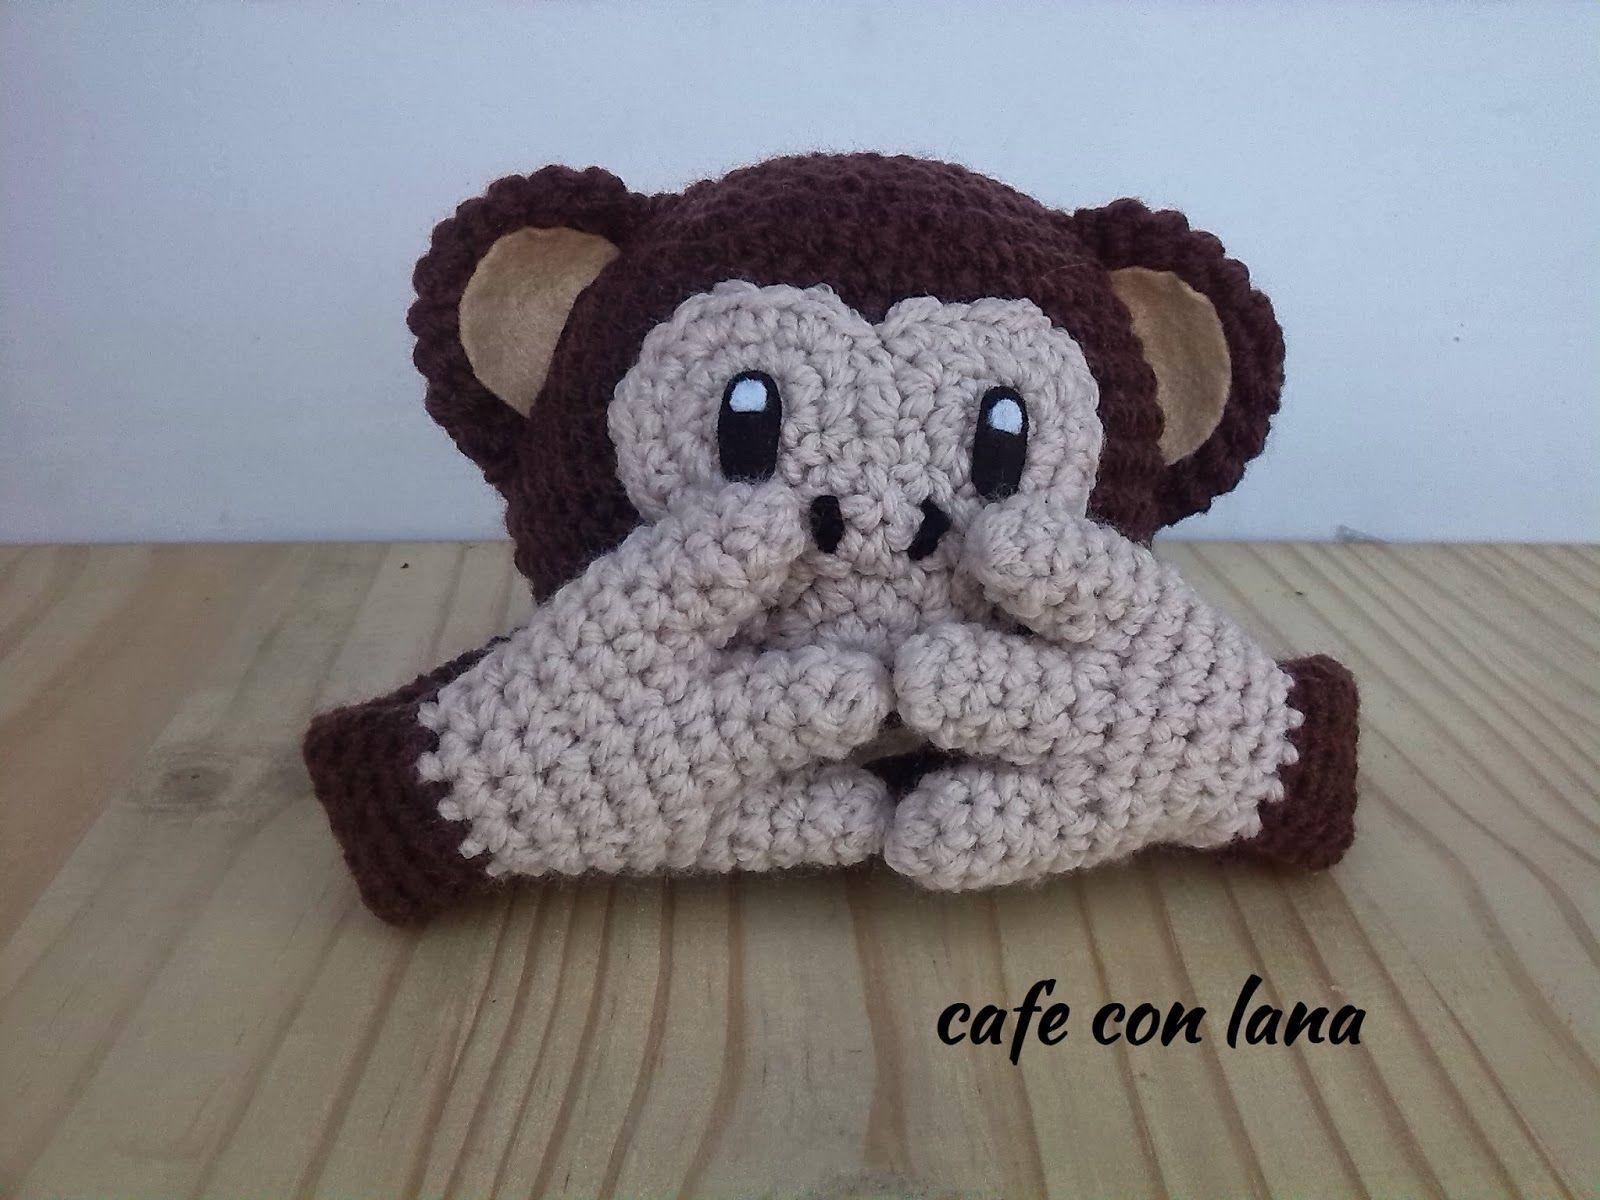 Dorable Crochet Patrón De La Cara Del Mono Cresta - Manta de Tejer ...